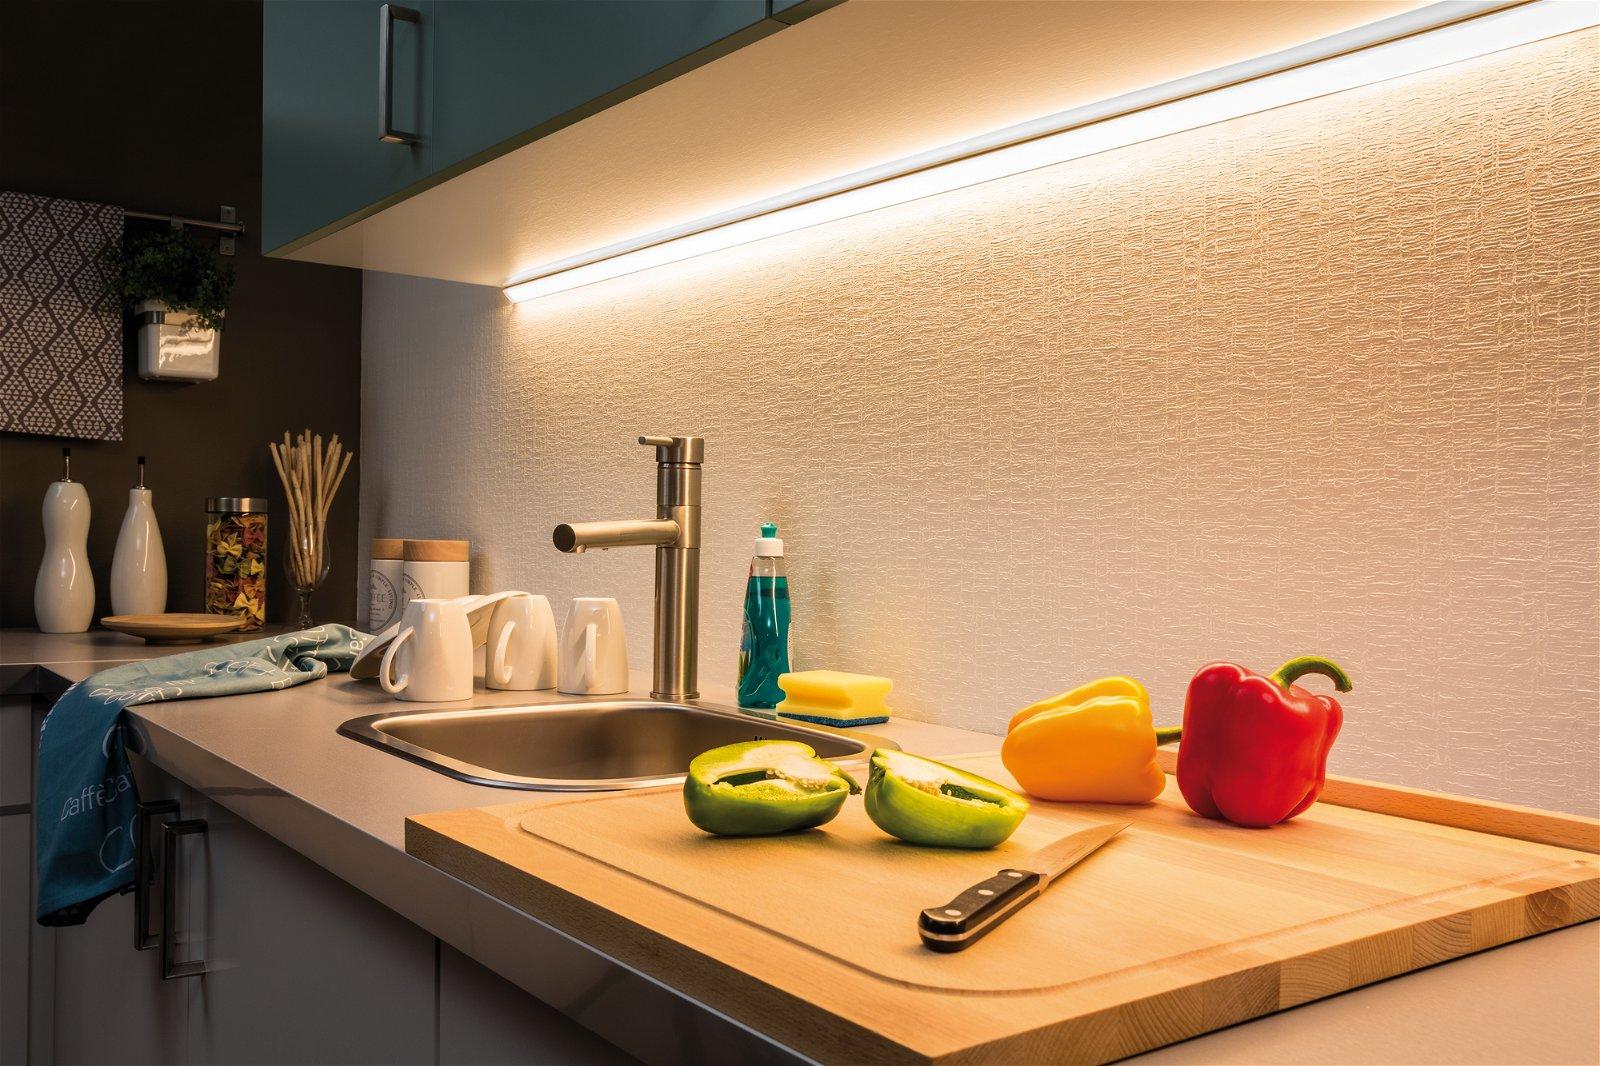 MaxLED 1000 LED Strip Warm wit 1m gecoat 12W 1100lm 2700K